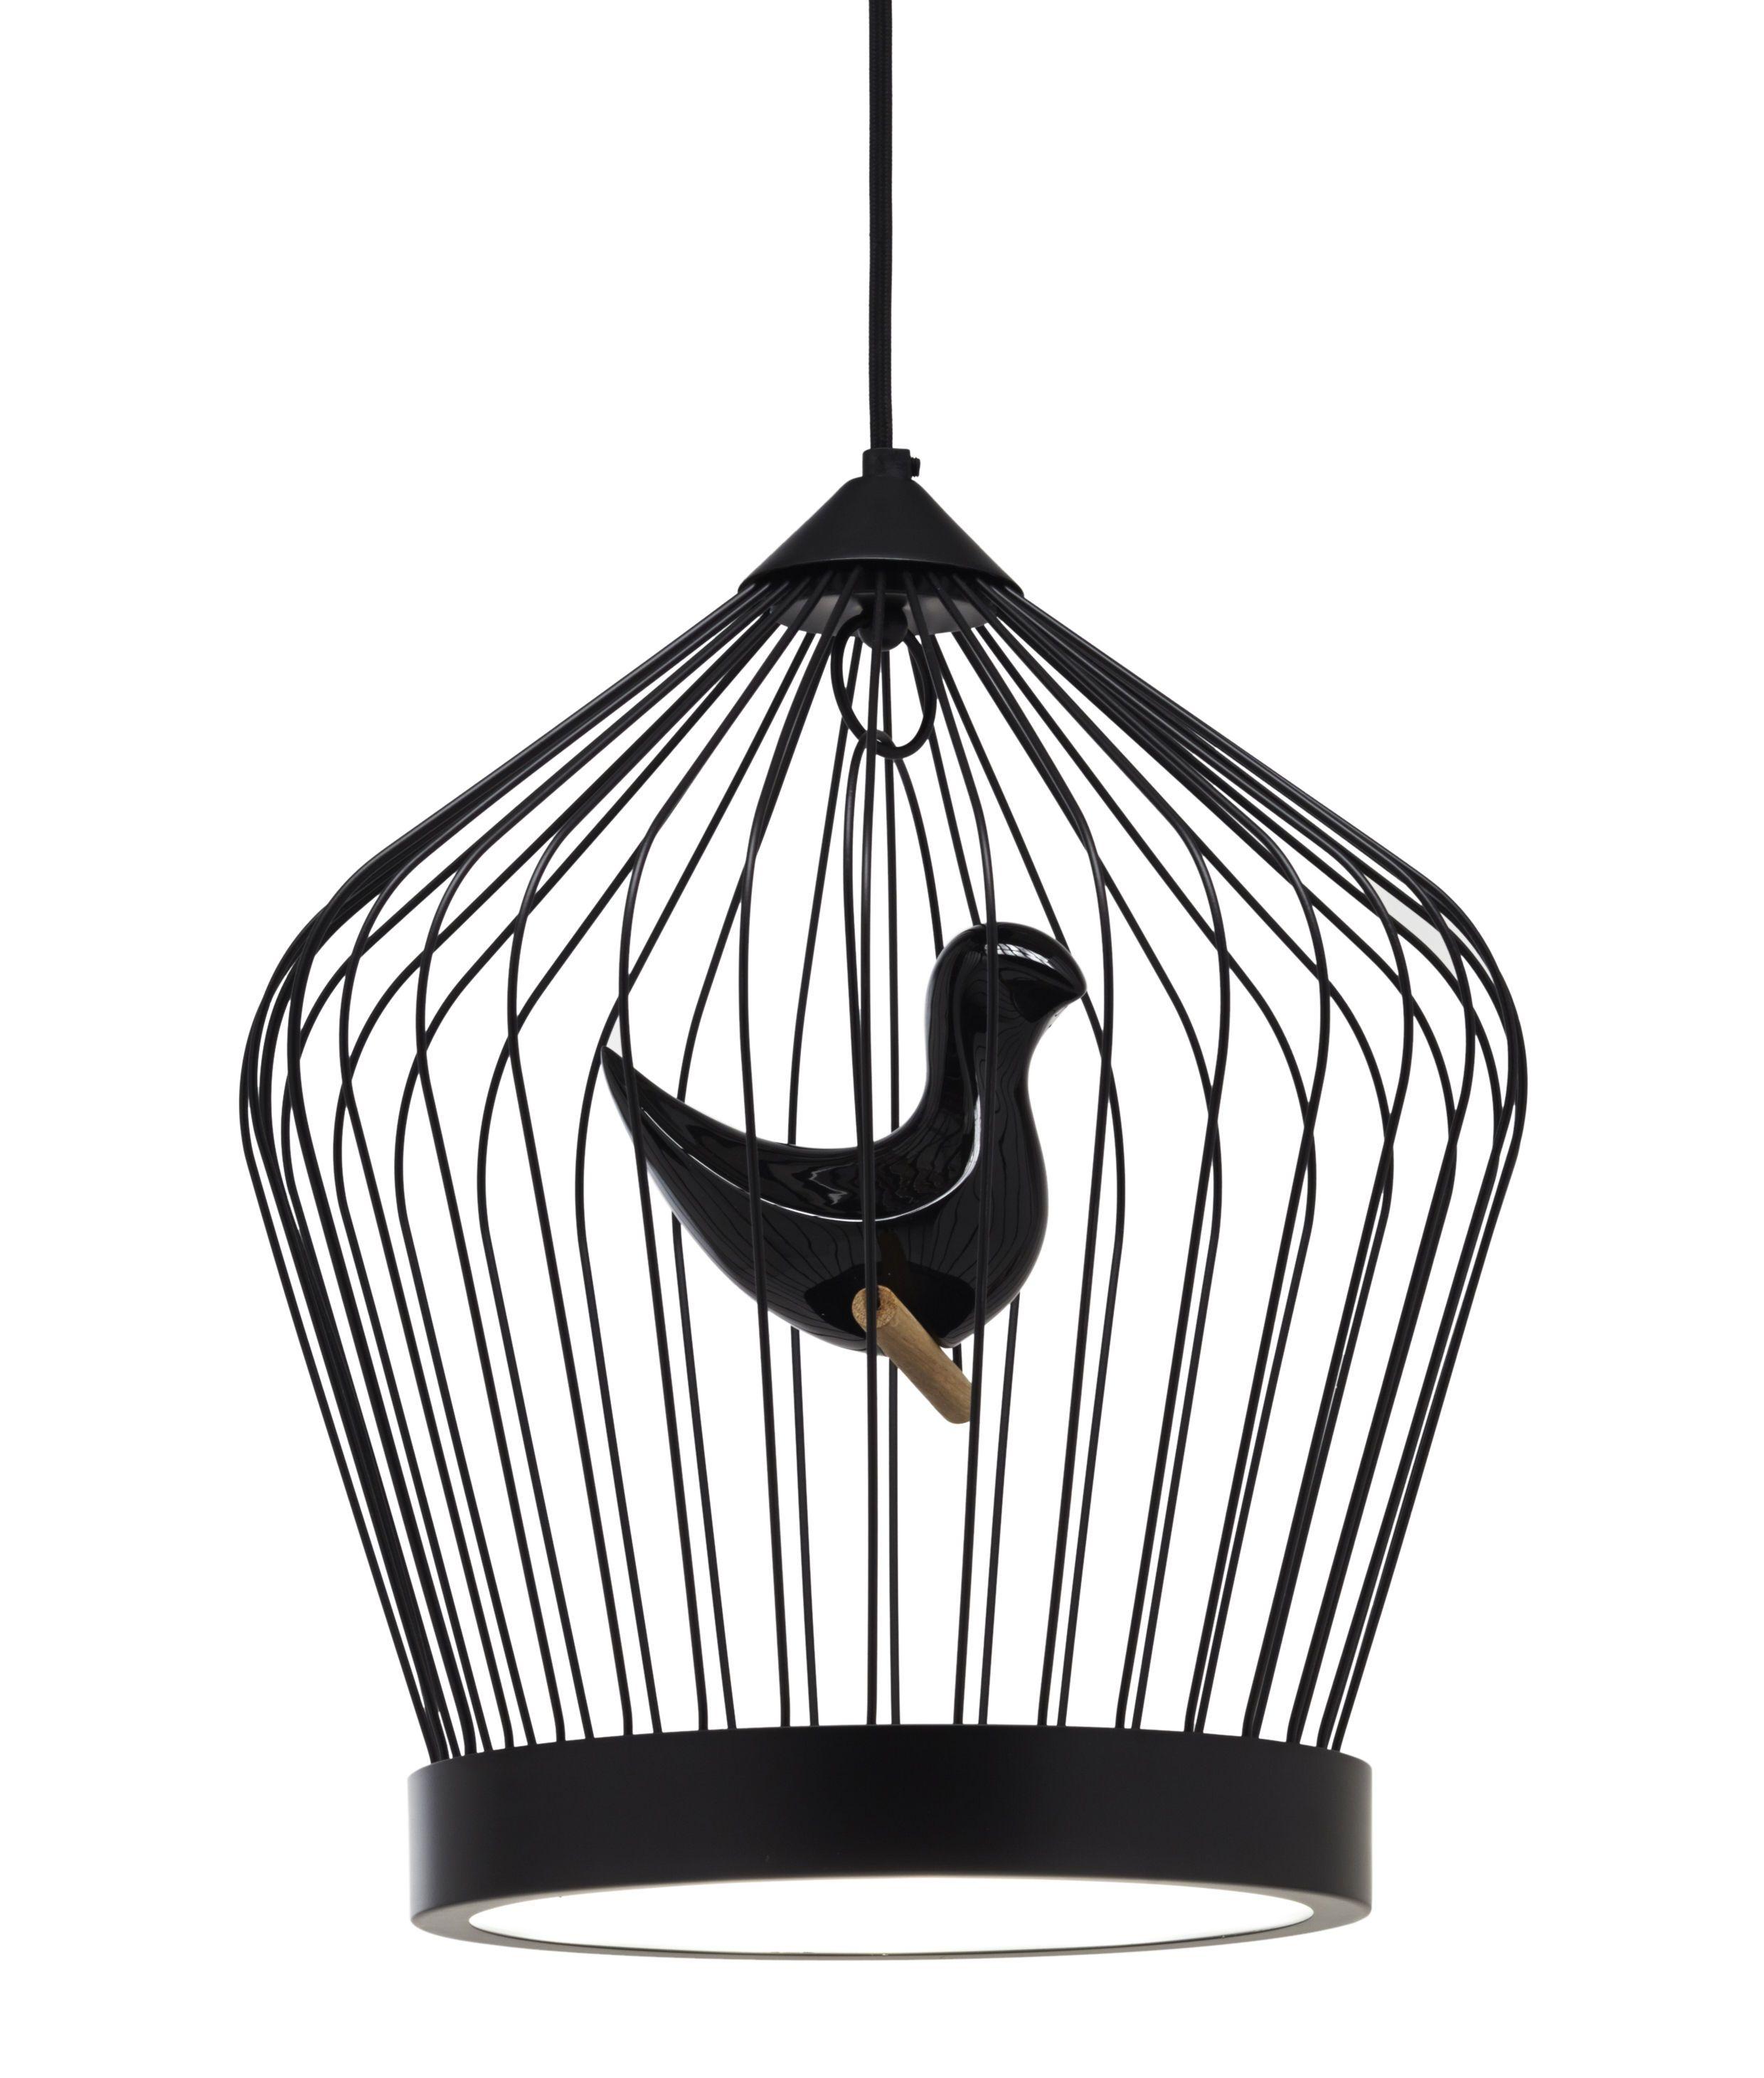 Scopri Figurina oiseau supplémentaire -/ Per sospensione Twee T. Grande, Uccellino supplementare / Oro di Casamania disponibile su Made In Design Italia il miglior sito online di design.